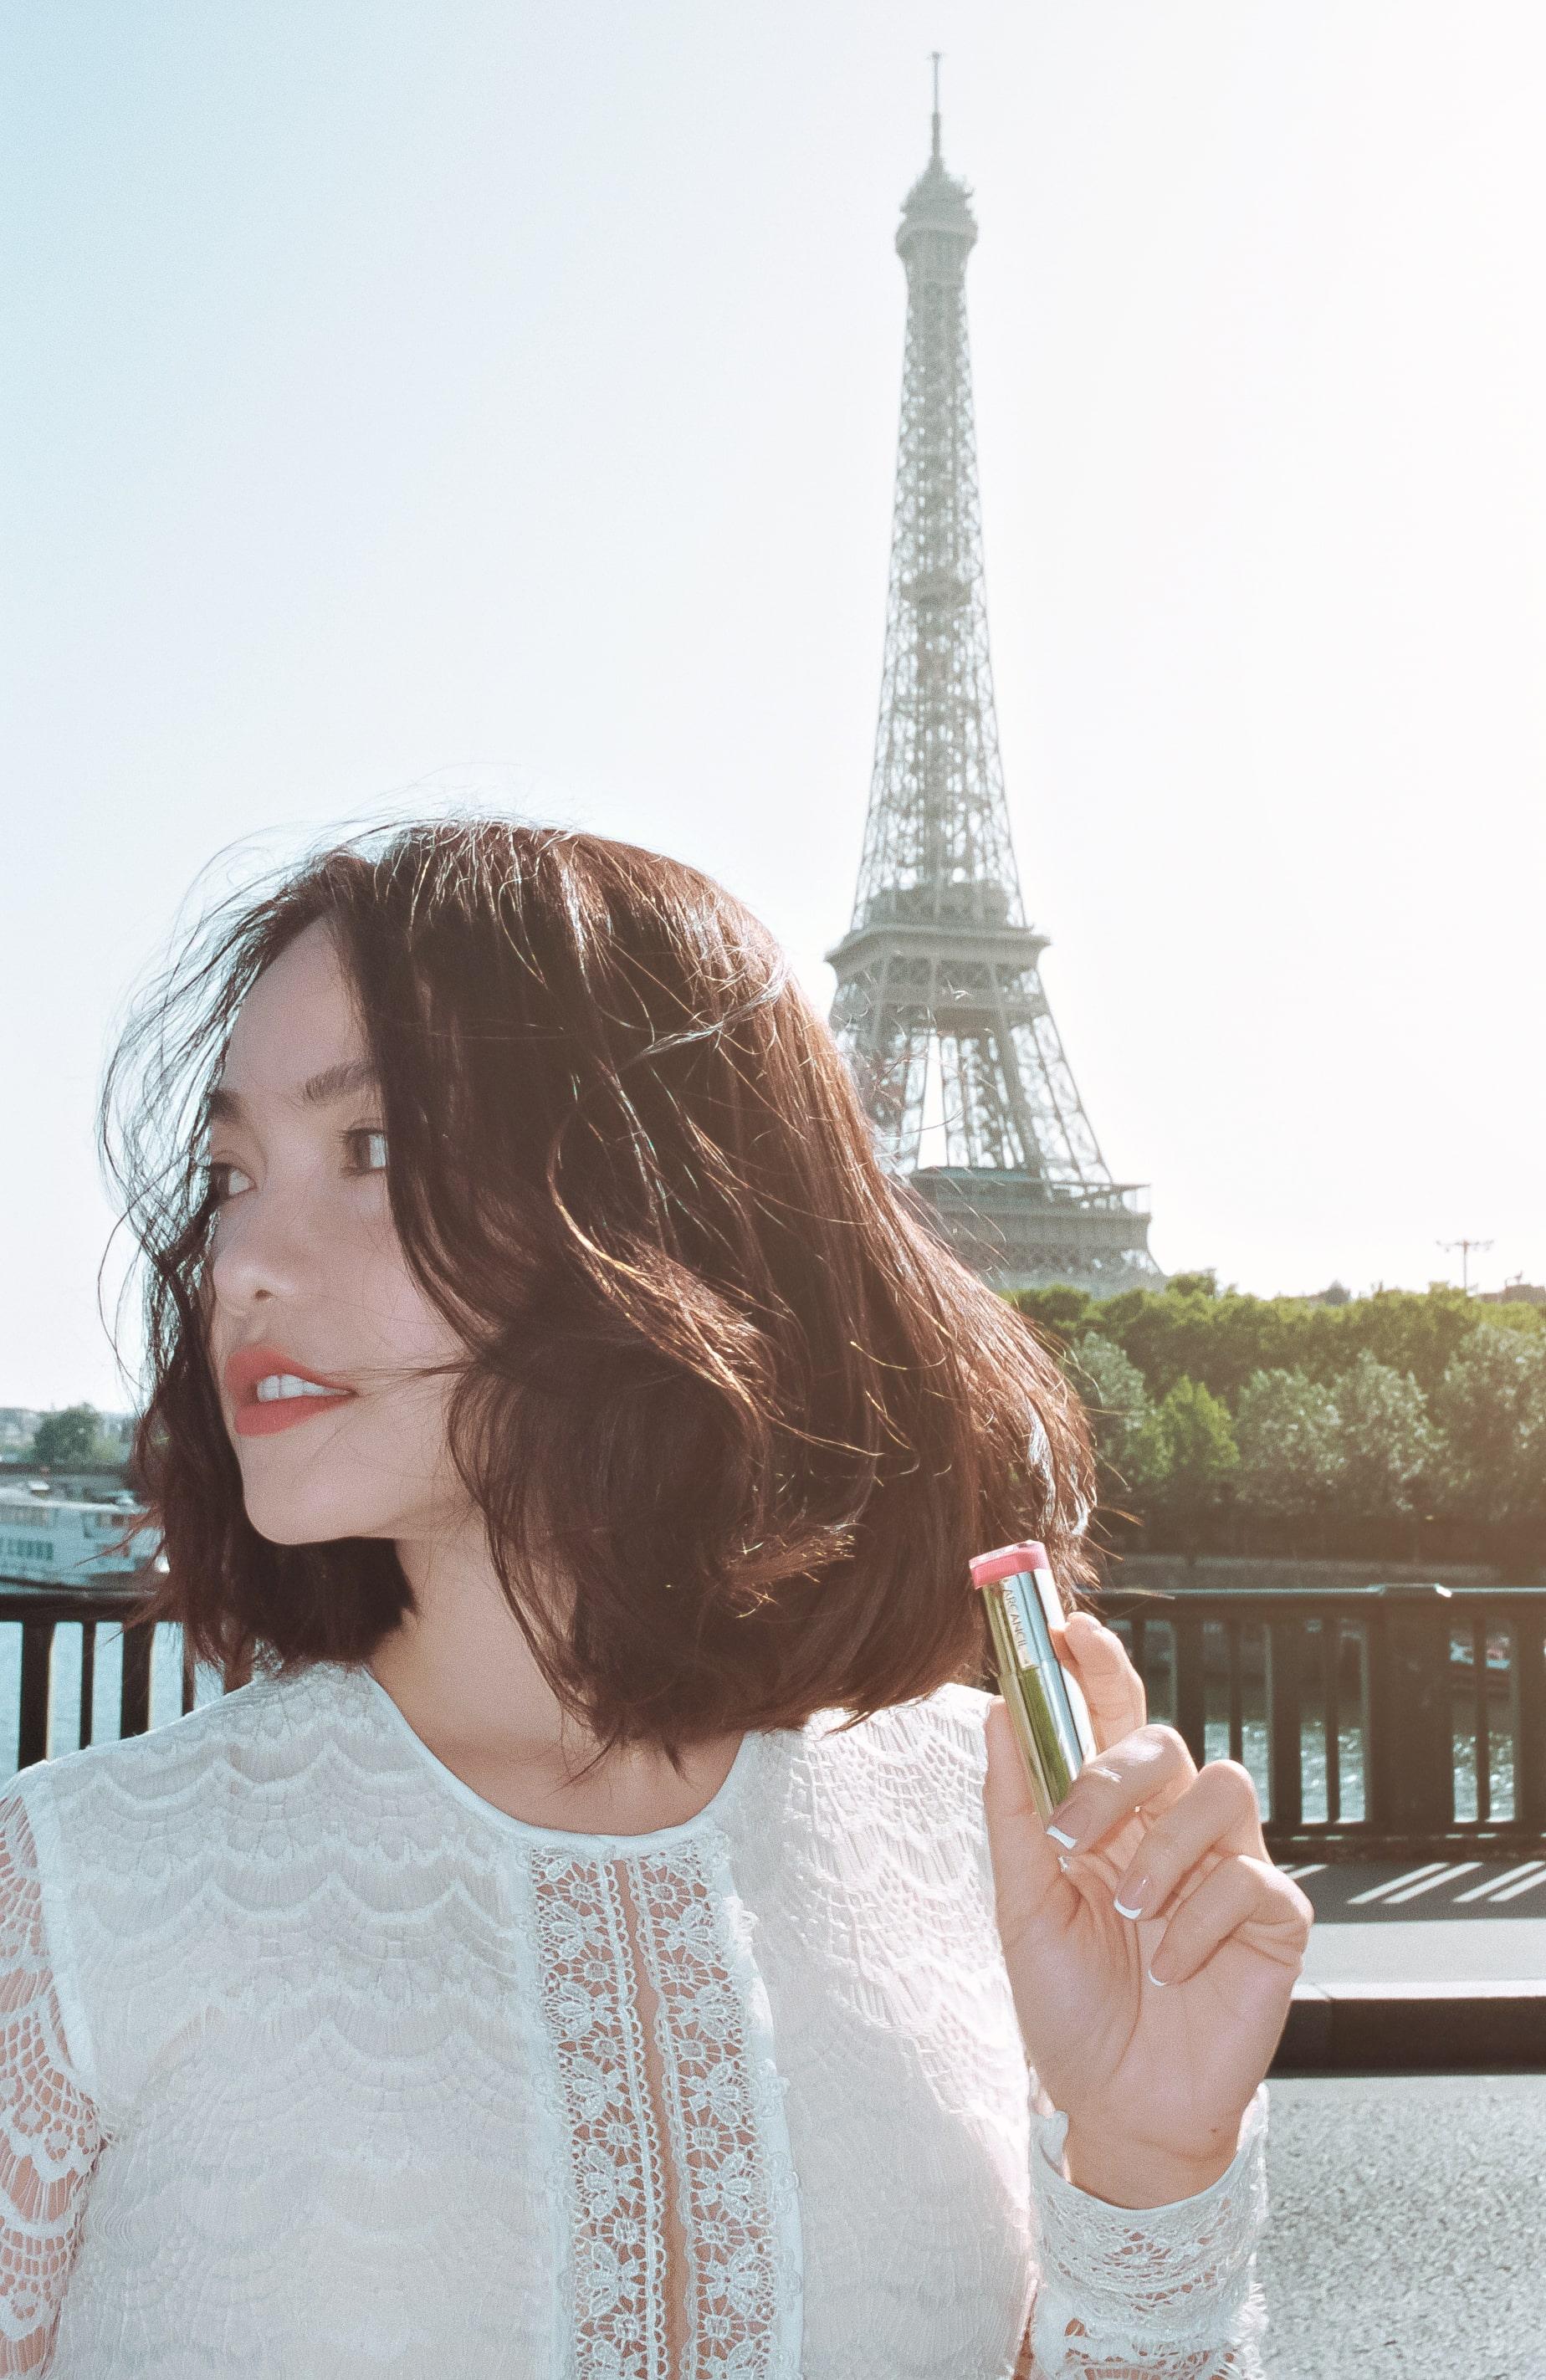 Hồng Kim Hạnh tươi trẻ giữa khoảng trời Paris - Ảnh 6